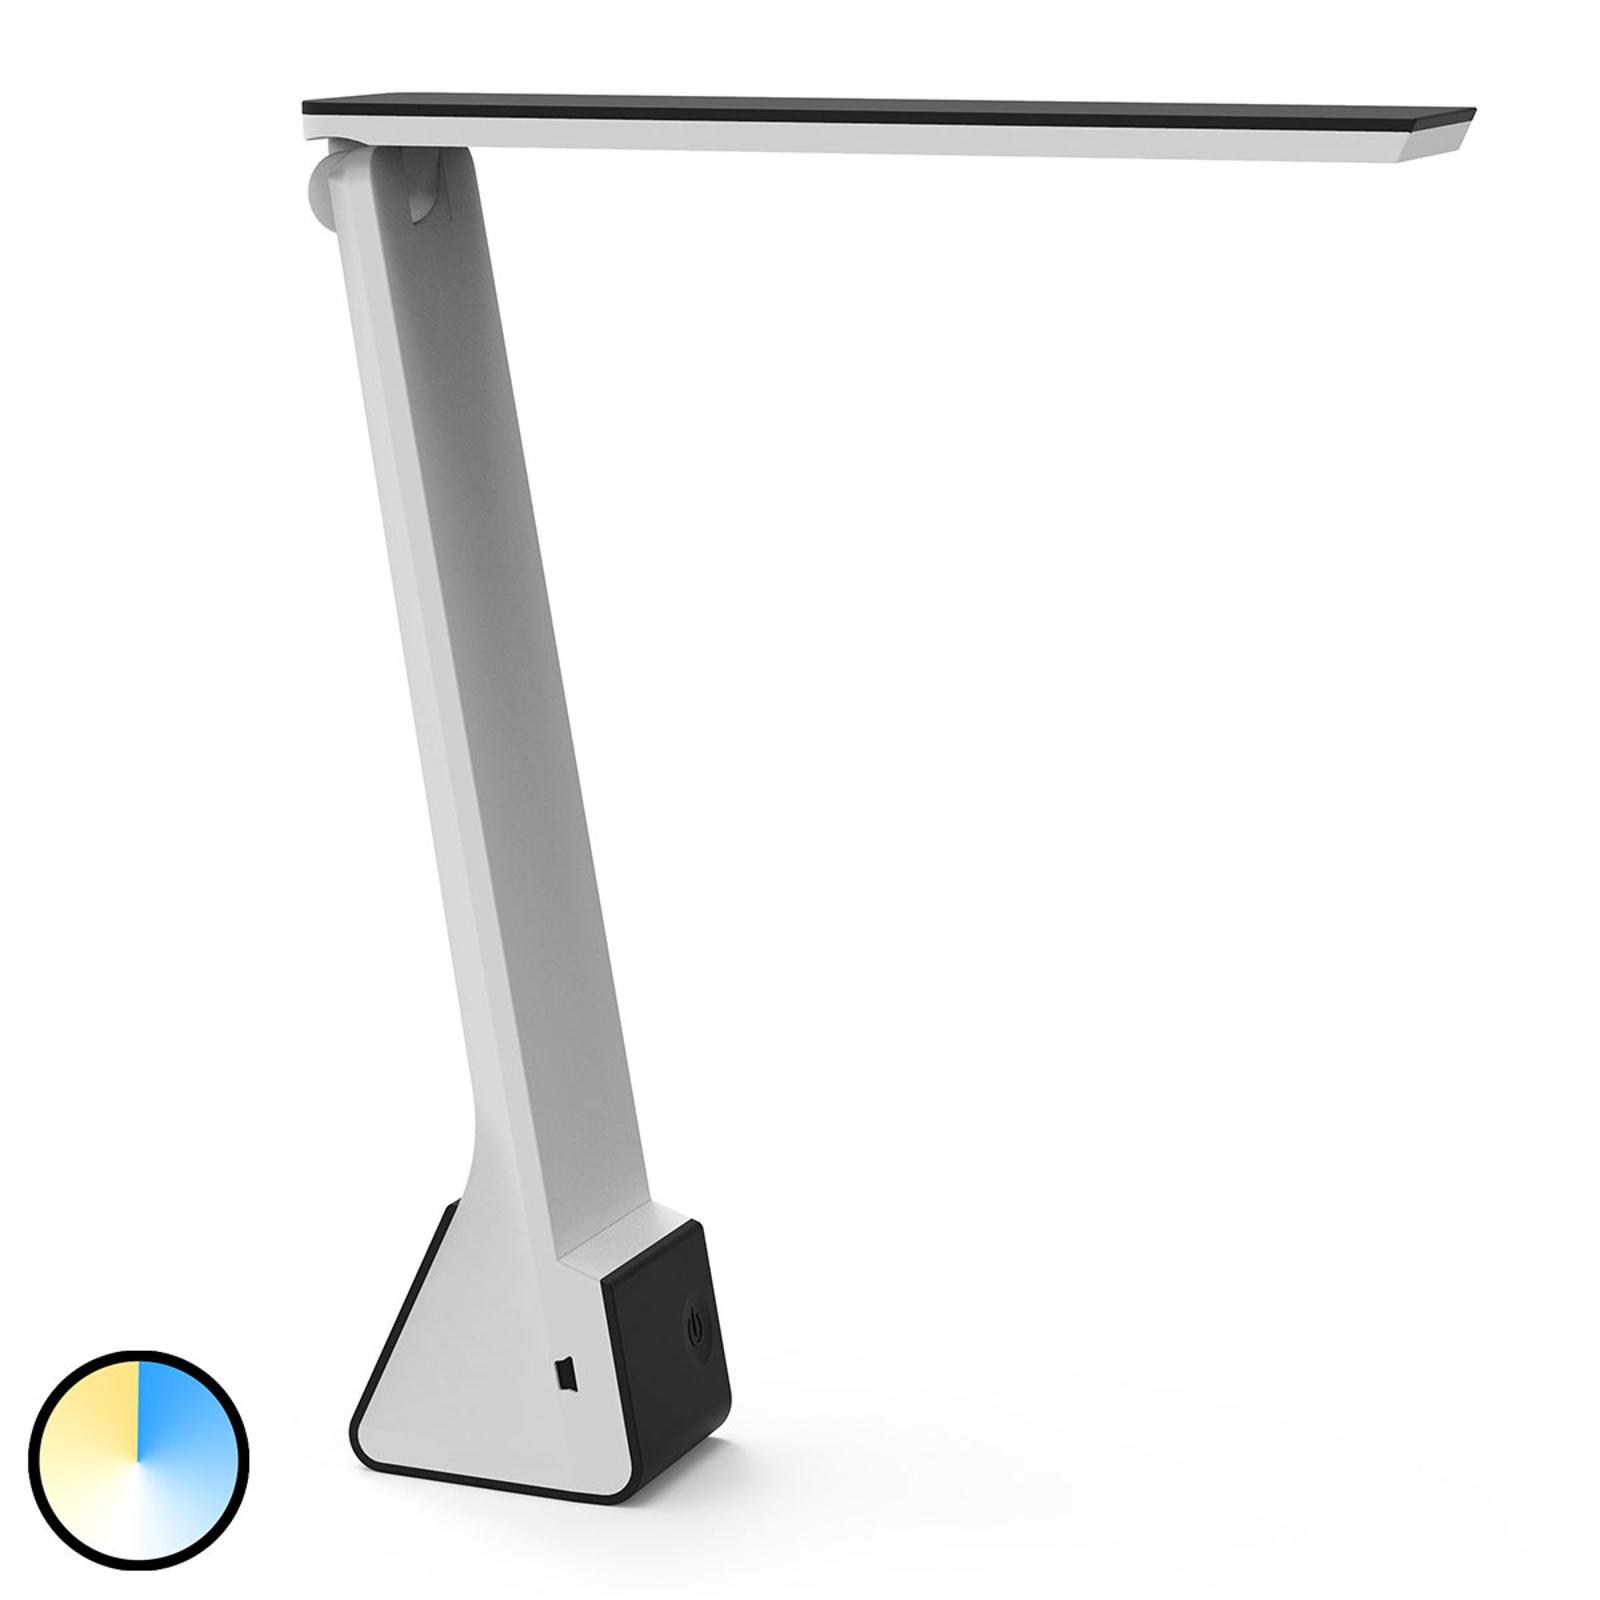 LED-työpöytälamppu MAULseven, akku, musta